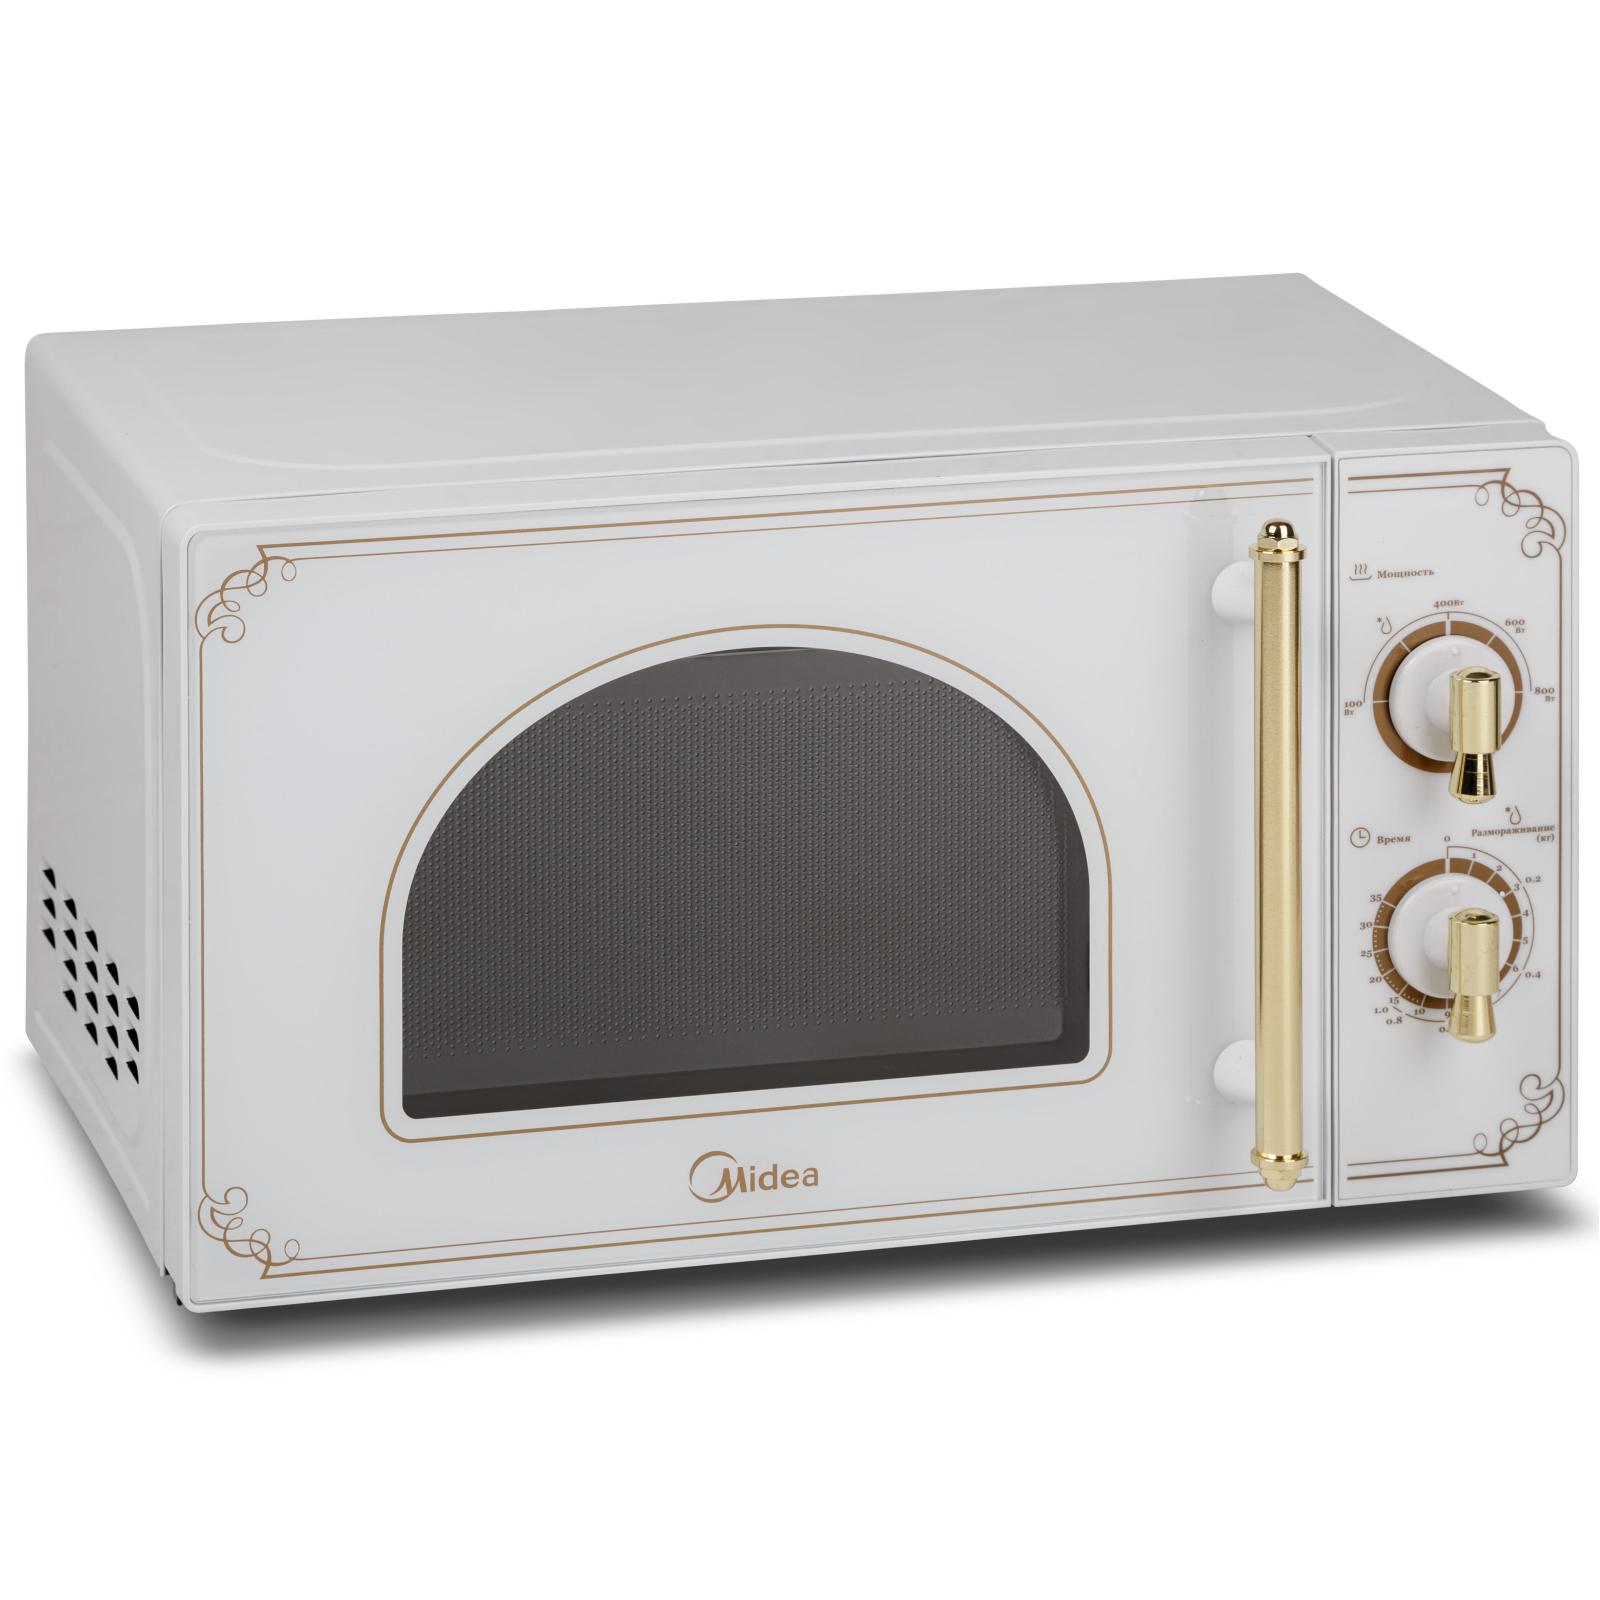 Микроволновая печь Midea MM820CJ7-W3 изображение 2